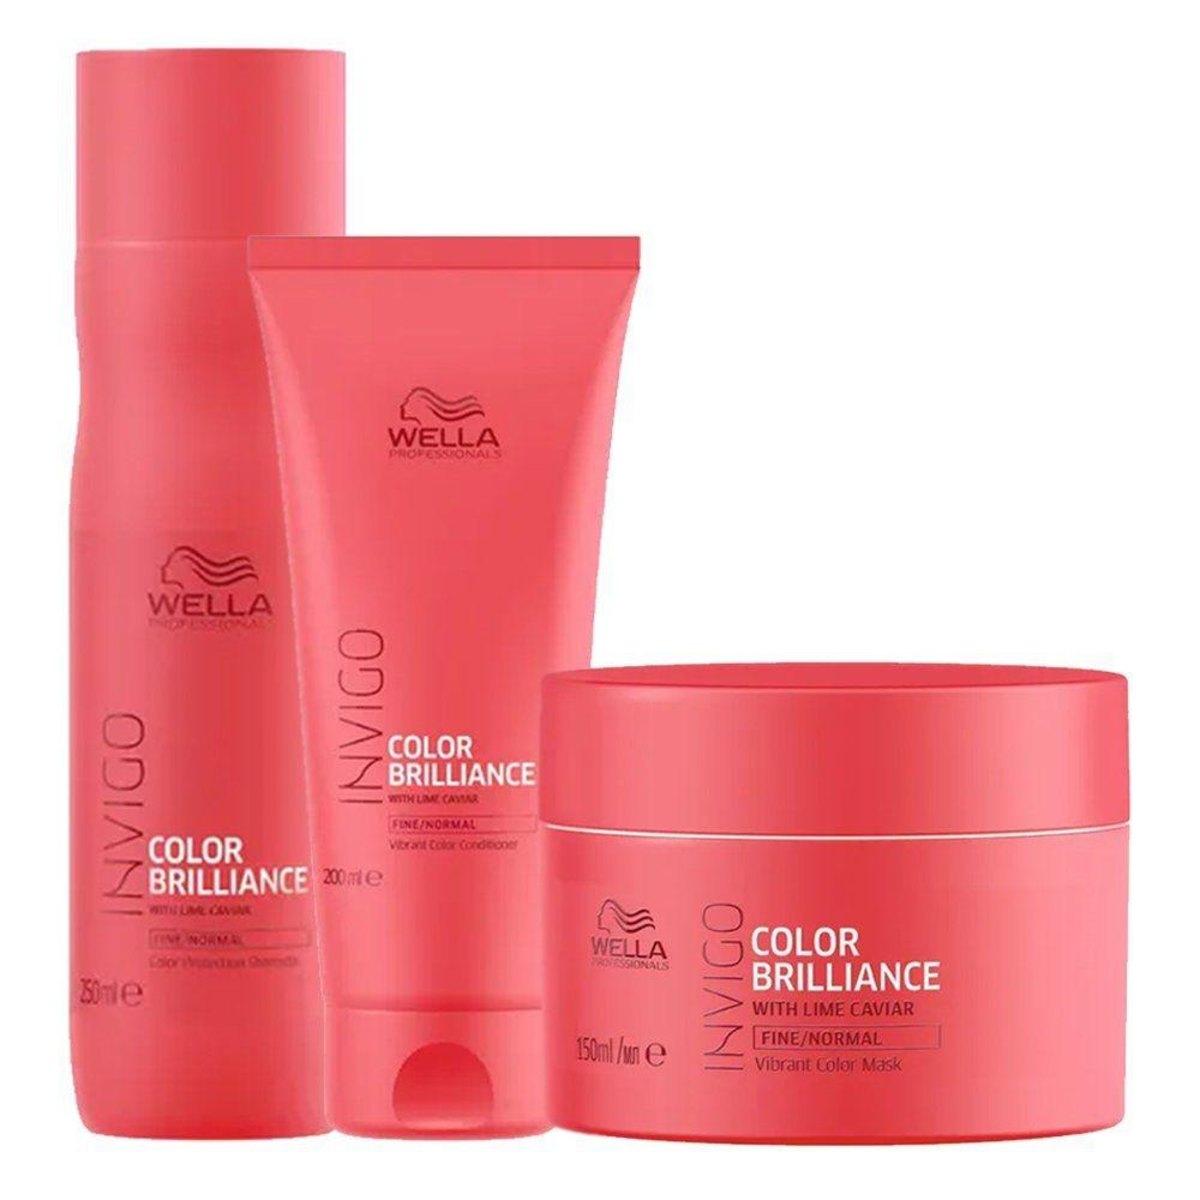 Wella Invigo Color Brilliance Sh 250ml+cd 200ml+mascara 150m